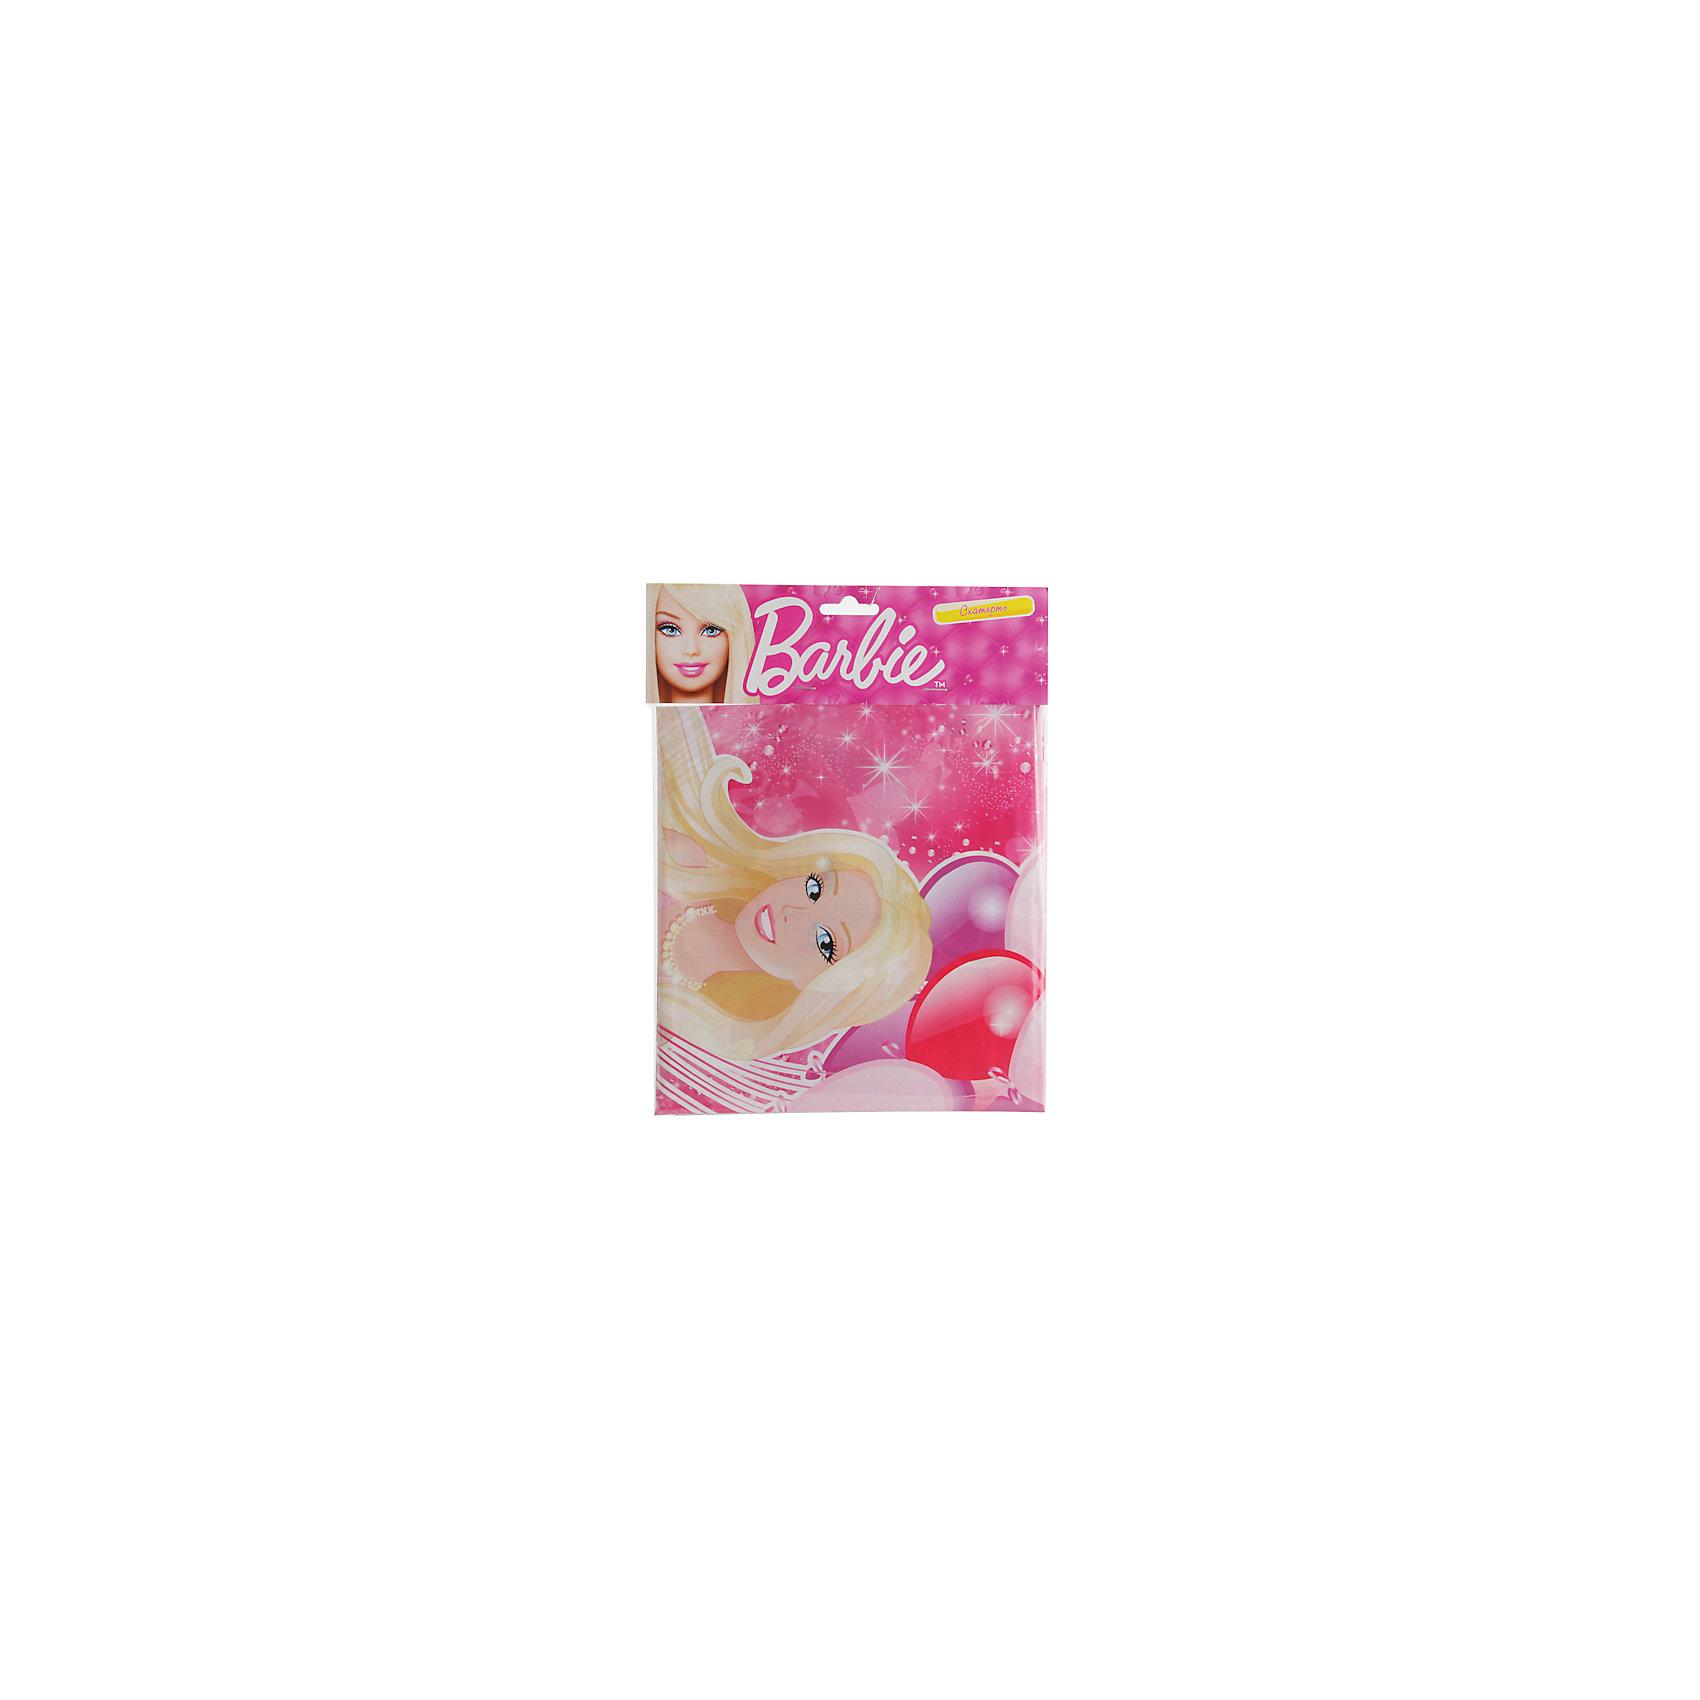 Скатерть, BarbieBarbie<br>Скатерть Barbie украсит девичий праздник, будь то день рождения с любимыми подружками или тематическая детская вечеринка! Одна из популярнейших кукол многих поколений, изображена на ярко-розовой скатерти в окружении ярких воздушных шаров. <br><br>Дополнительная информация:<br><br>- Материал: полиэтилен.<br>- Размер скатерти: 180х140 см.<br>- Размер упаковки: 22х28х1 см.<br>- Вес в упаковке: 90 г.<br><br>Купить скатерть, Barbie, можно в нашем магазине.<br><br>Ширина мм: 22<br>Глубина мм: 28<br>Высота мм: 1<br>Вес г: 90<br>Возраст от месяцев: 12<br>Возраст до месяцев: 2147483647<br>Пол: Женский<br>Возраст: Детский<br>SKU: 4797428